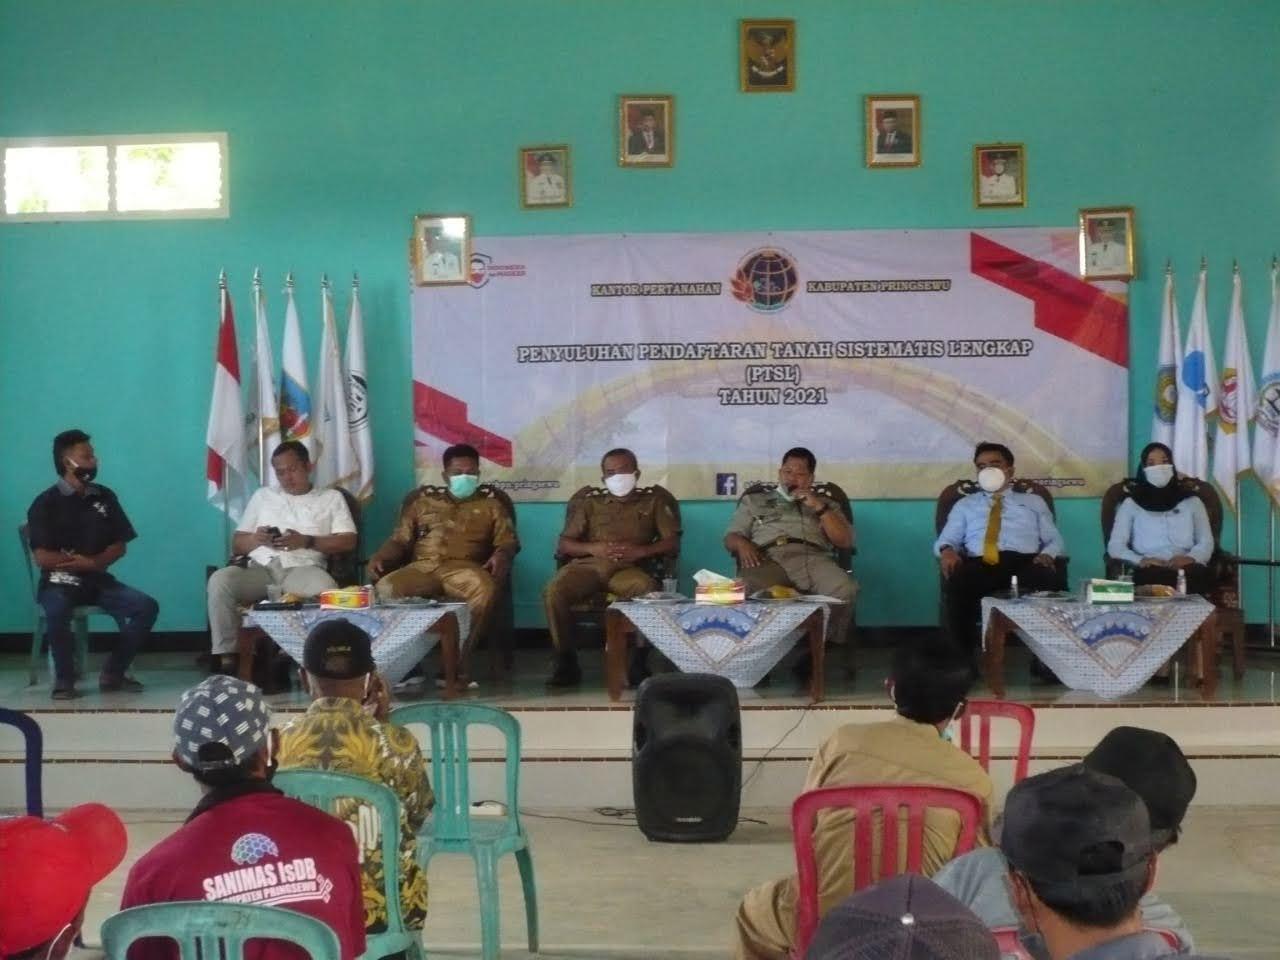 Sosialisasi Penyuluhan Pendaftaran Tanah Sistematis Lengkap (PTSL)Tahun 2021 Pringsewu